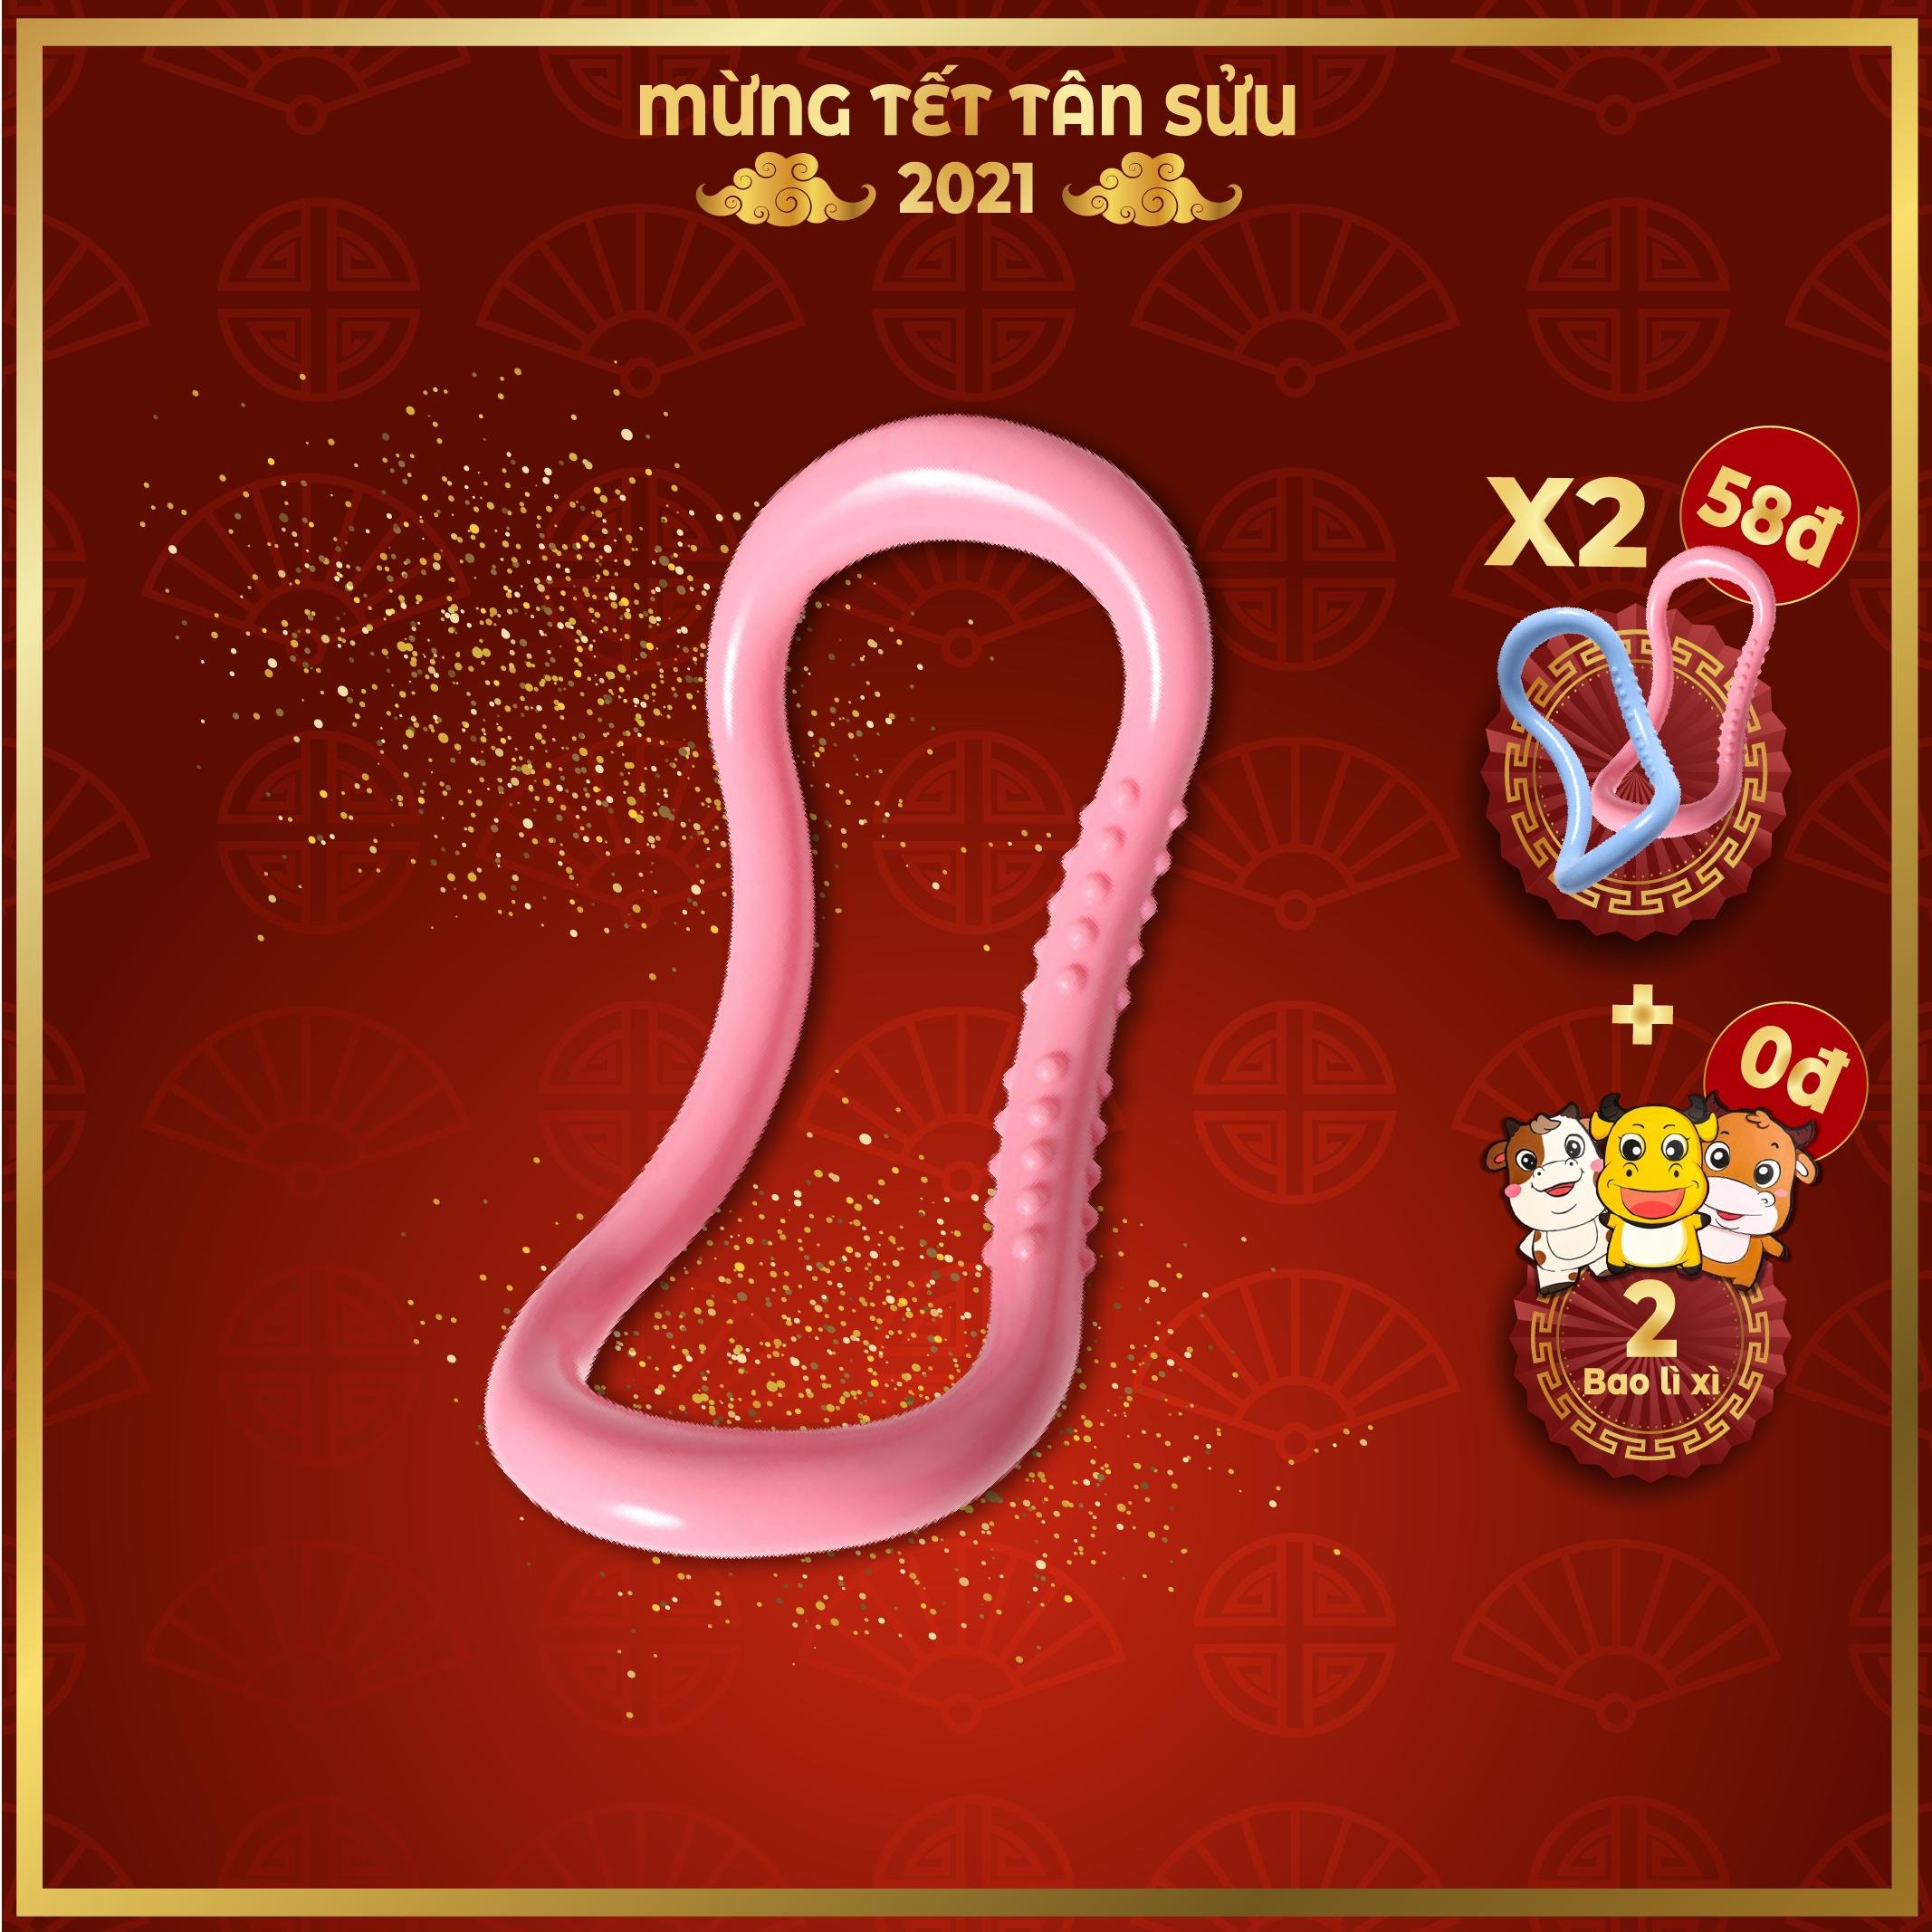 Vòng tập Yoga Myring Nhựa ABS cao cấp, Có gai massage TT001 – Shop Toàn Châu